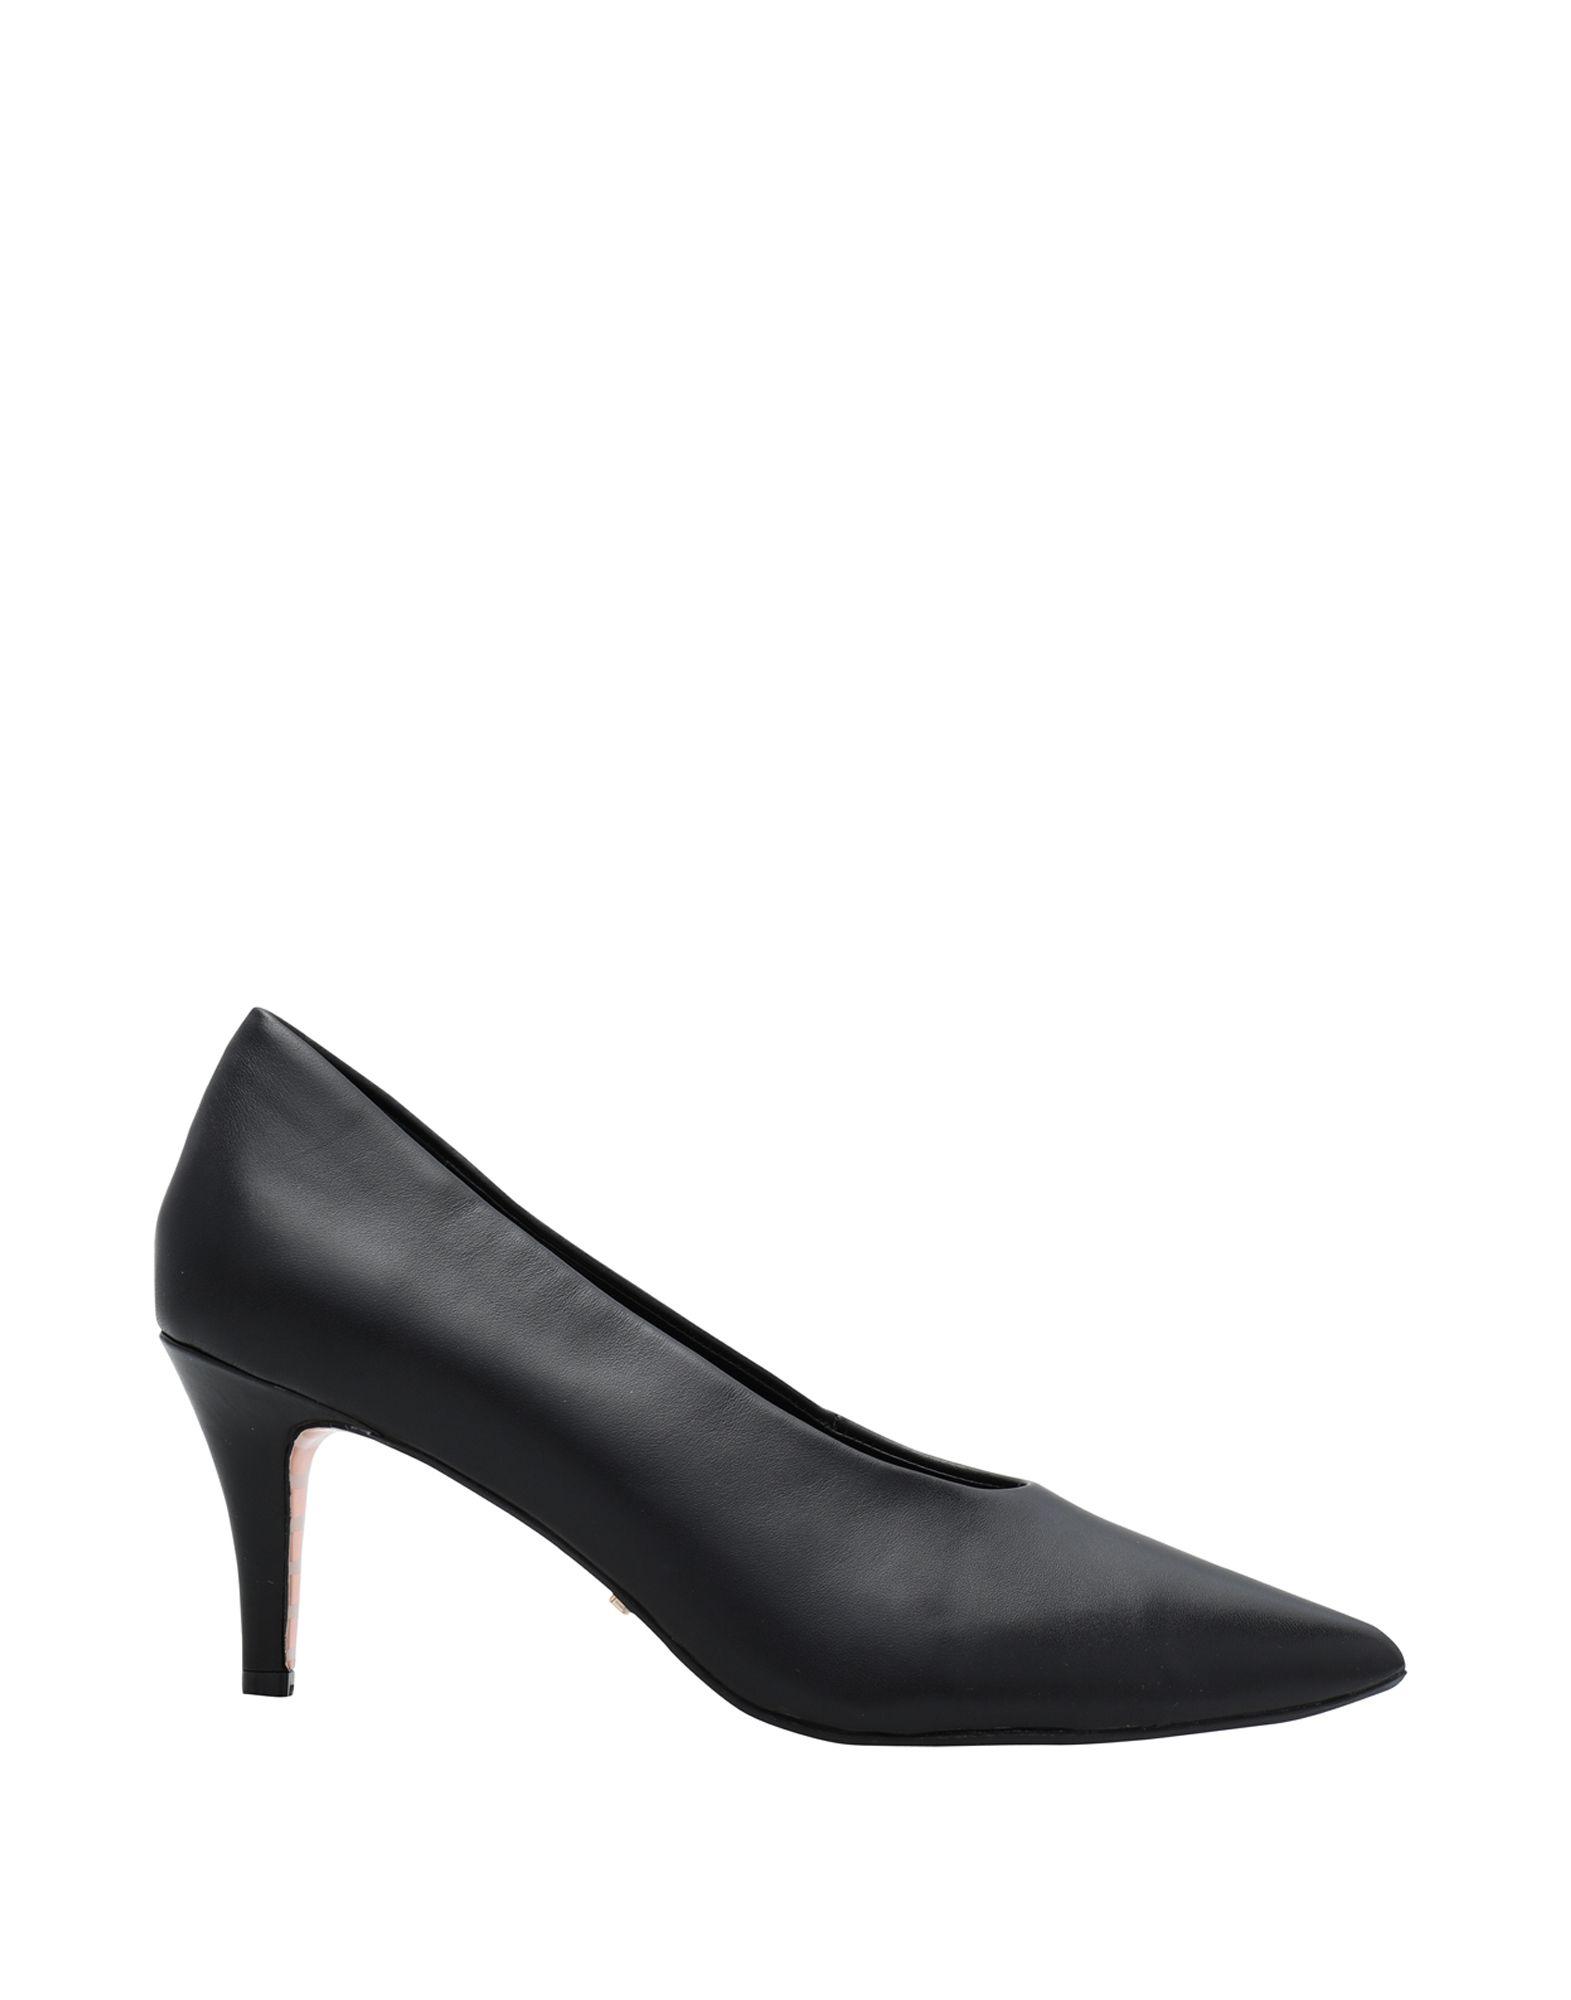 Escarpins Dune London Ari - Femme - Escarpins Dune London Noir Nouvelles chaussures pour hommes et femmes, remise limitée dans le temps